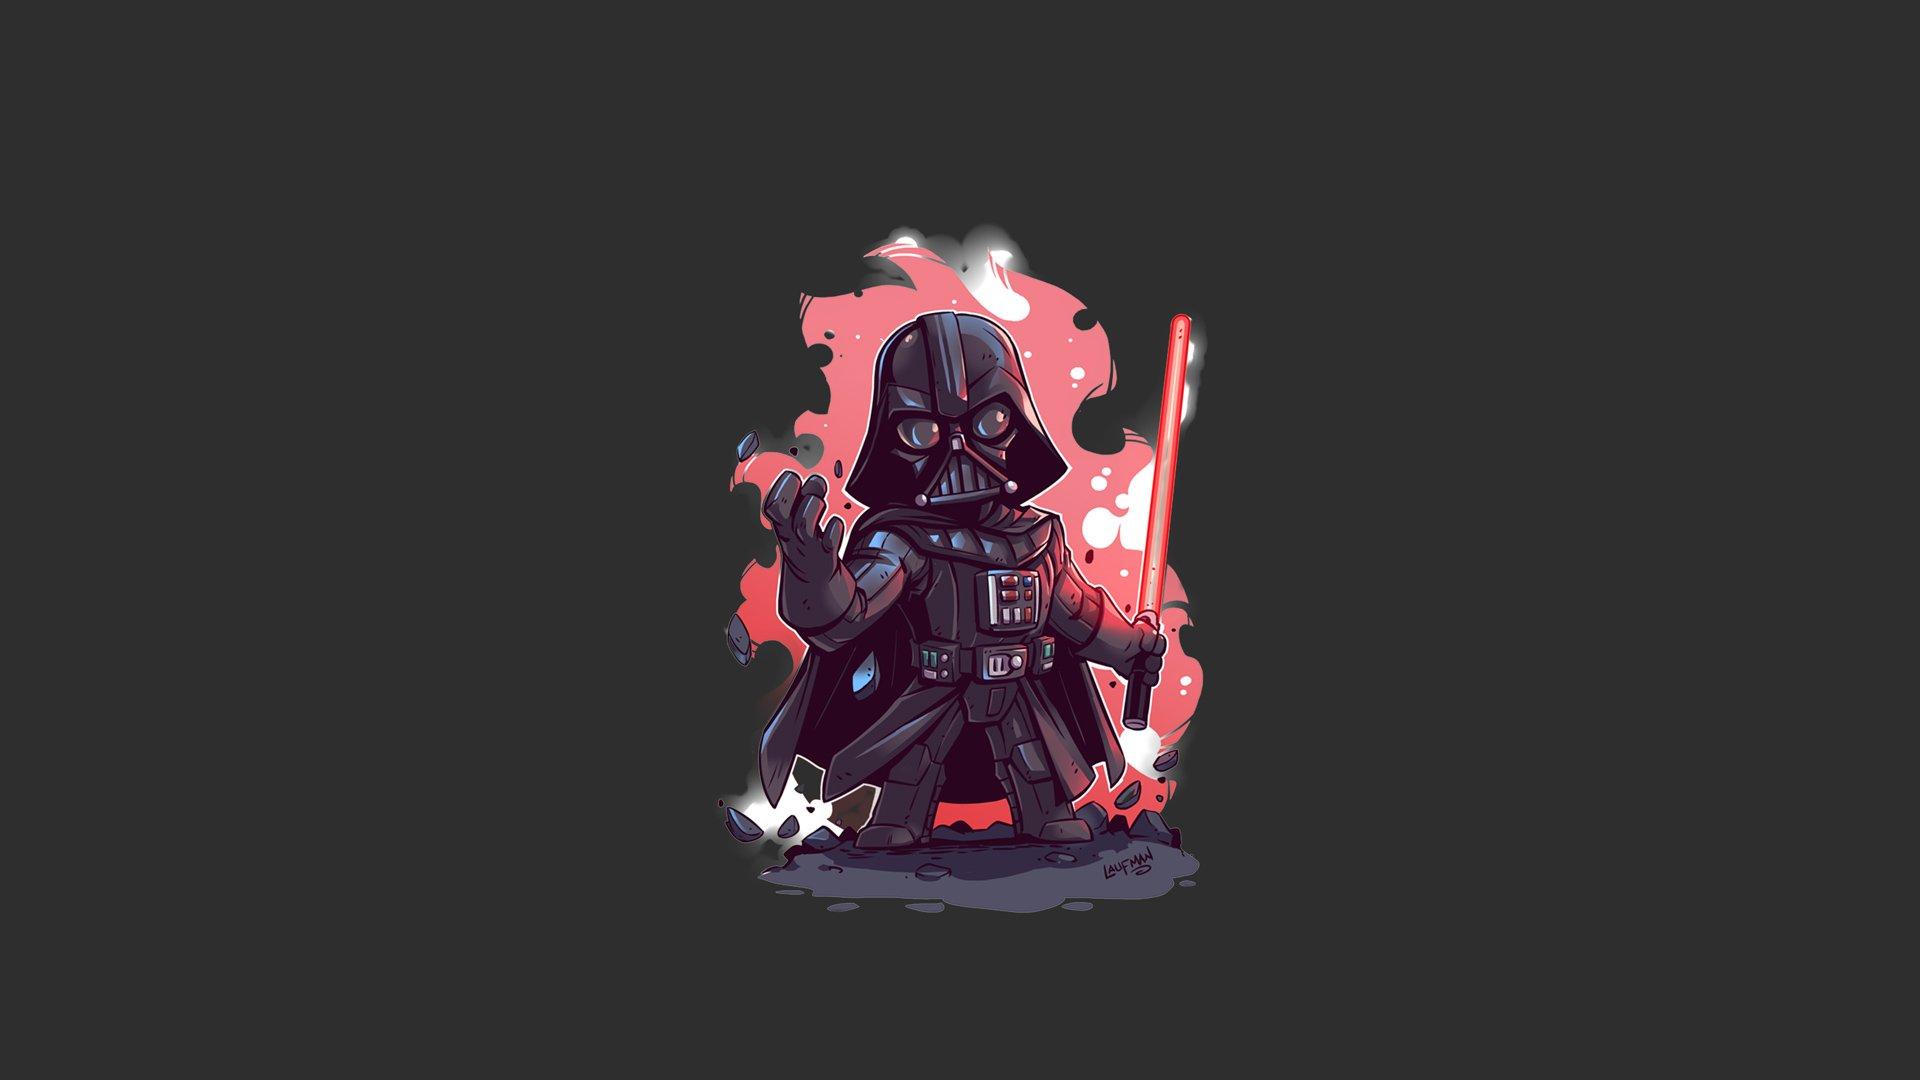 Fondos de pantalla Darth Vader Minimalista Ilustración